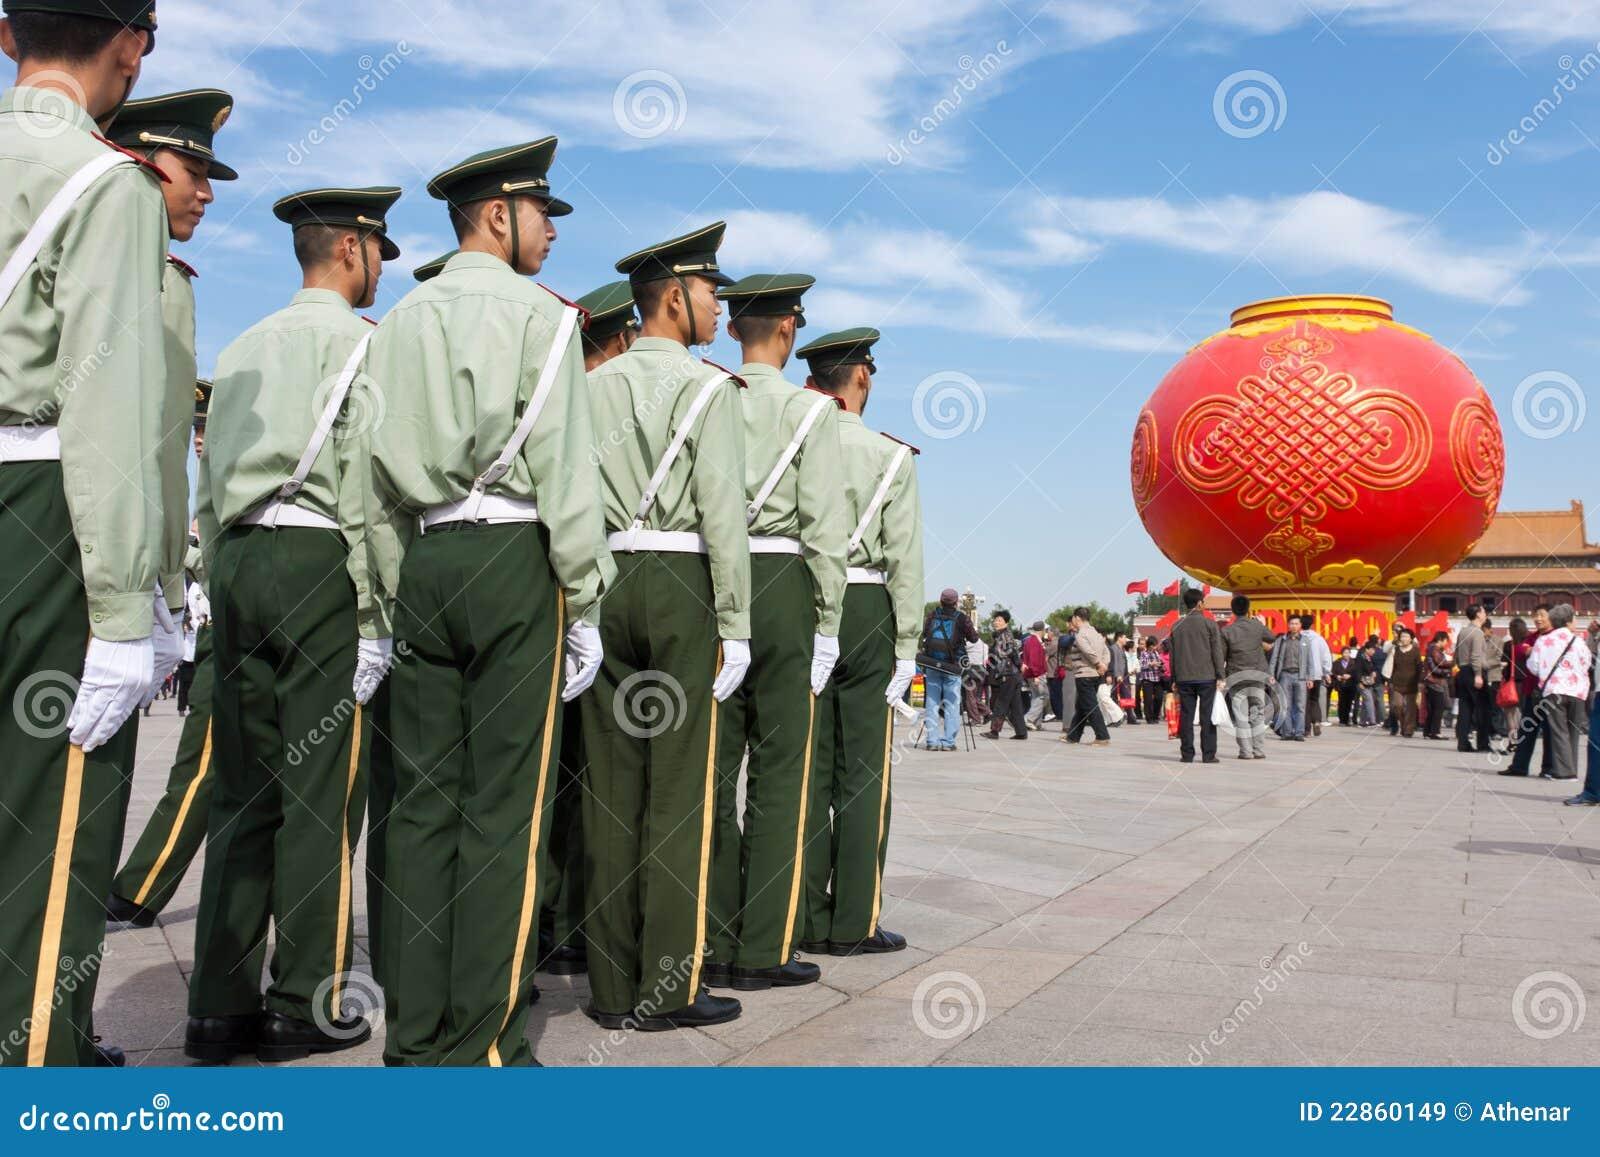 οπλισμένος υπερασπίστε τους στρατιώτες ασφάλειας αστυνομίας